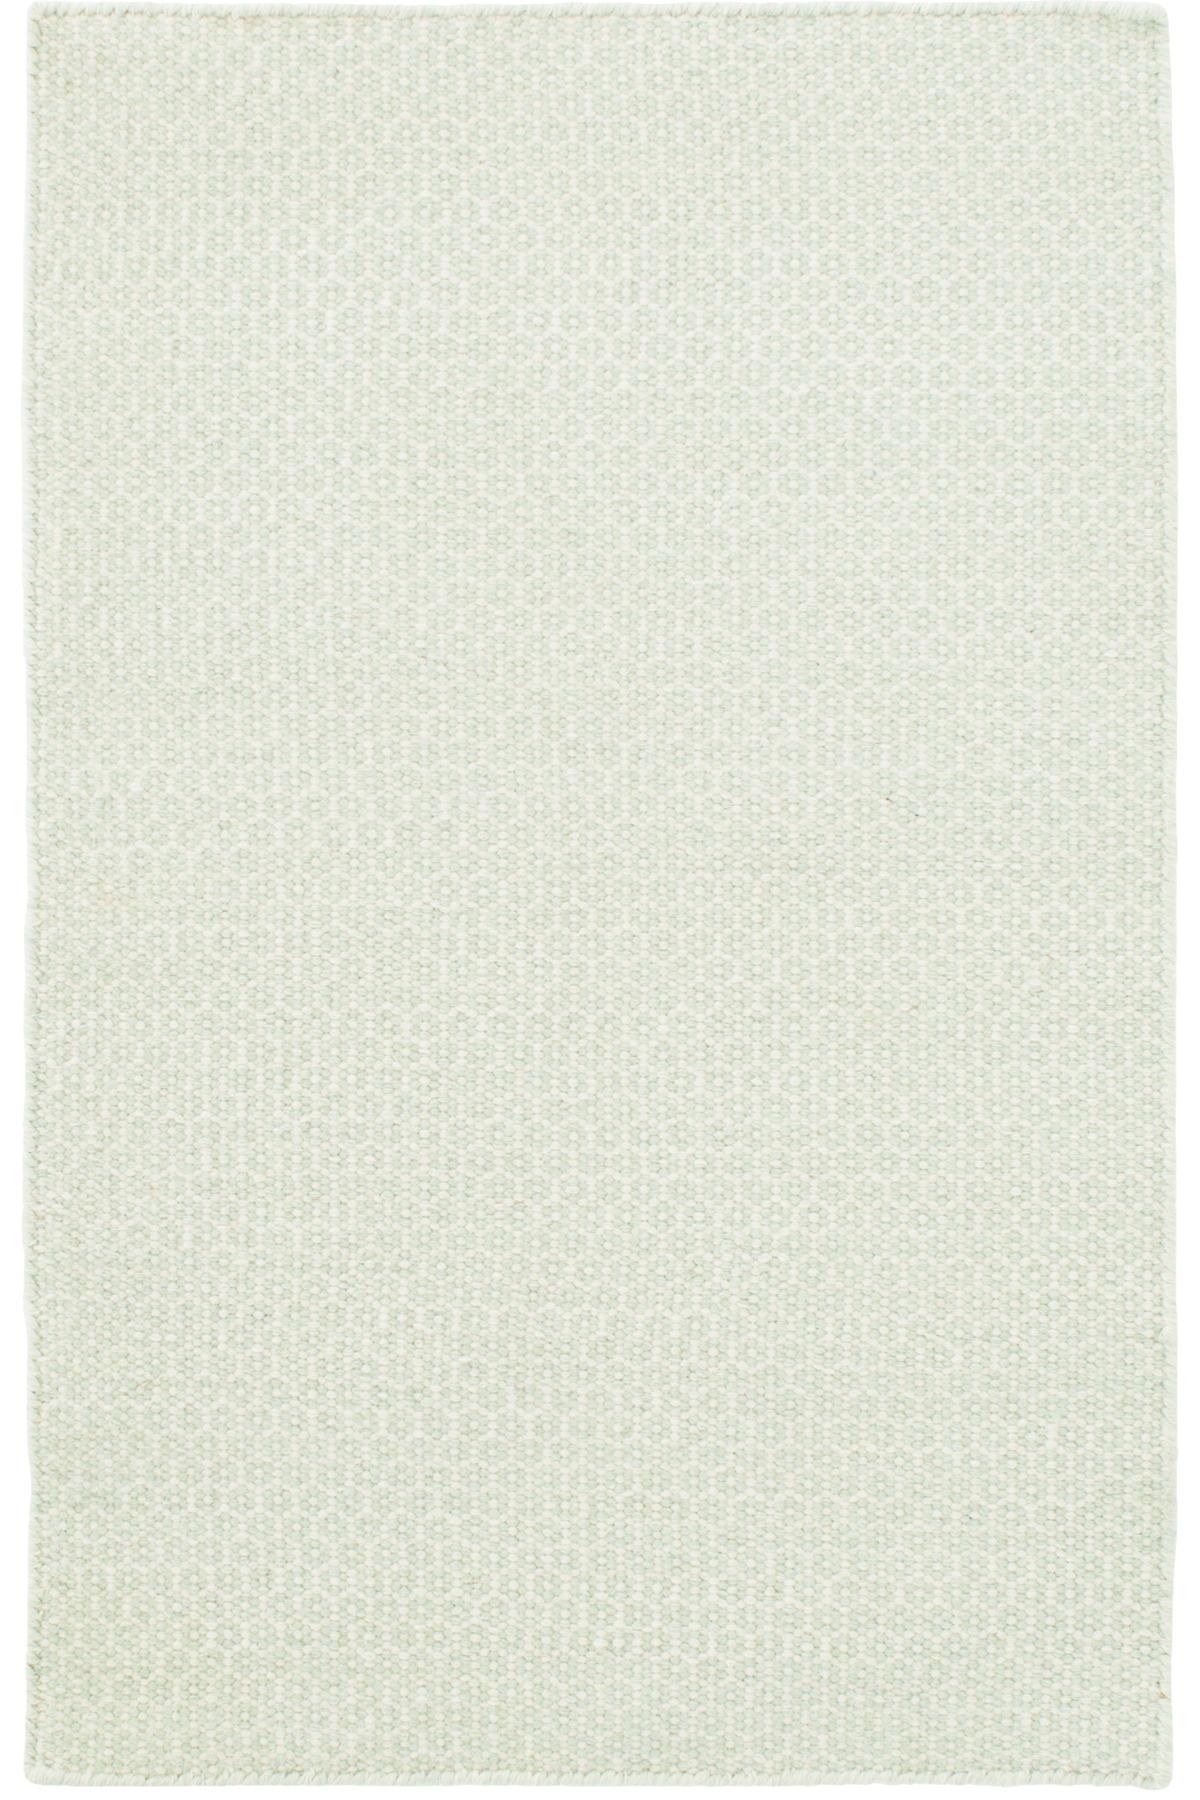 Honeycomb Ocean/Ivory Woven Wool Rug